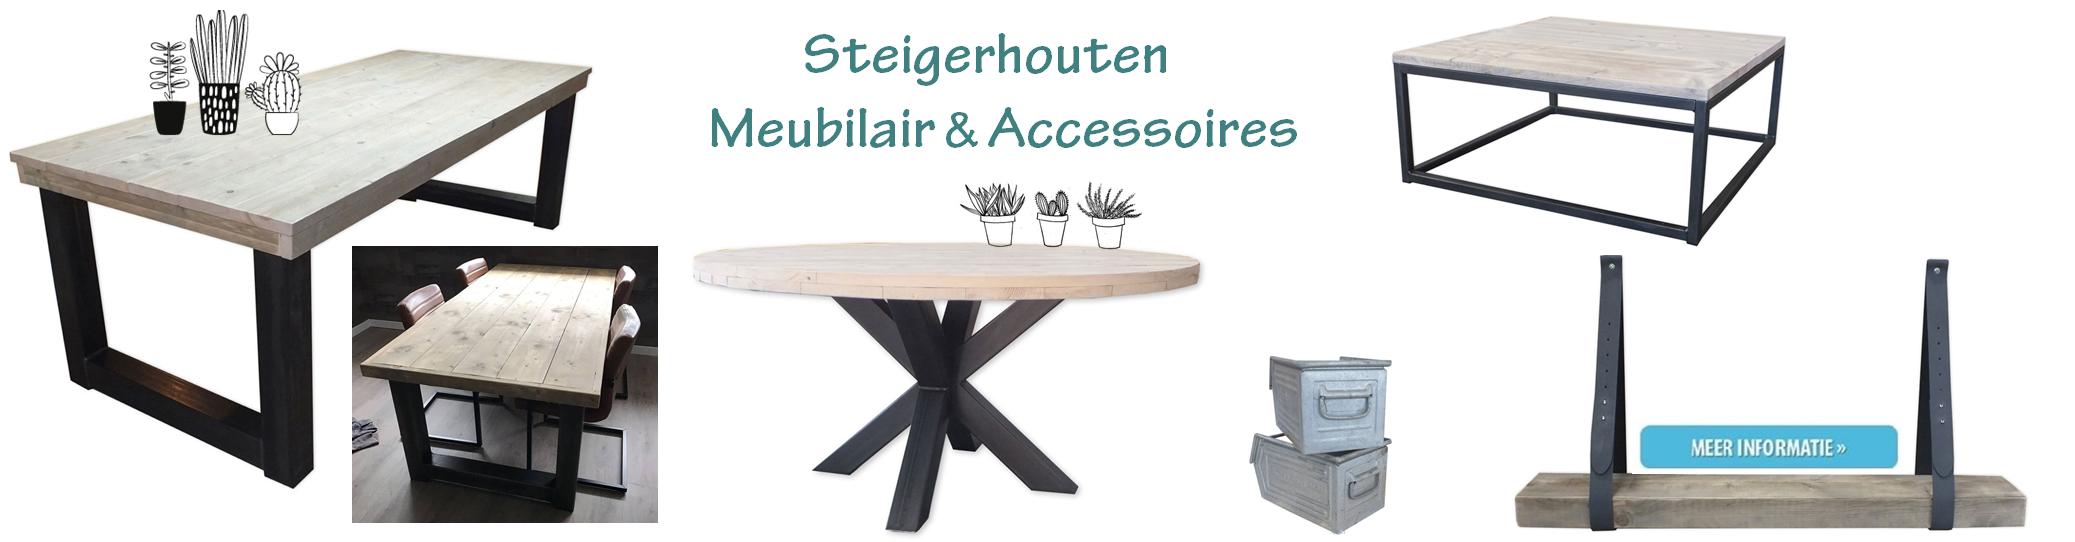 Steigerhouten meubilair 7 accessoires